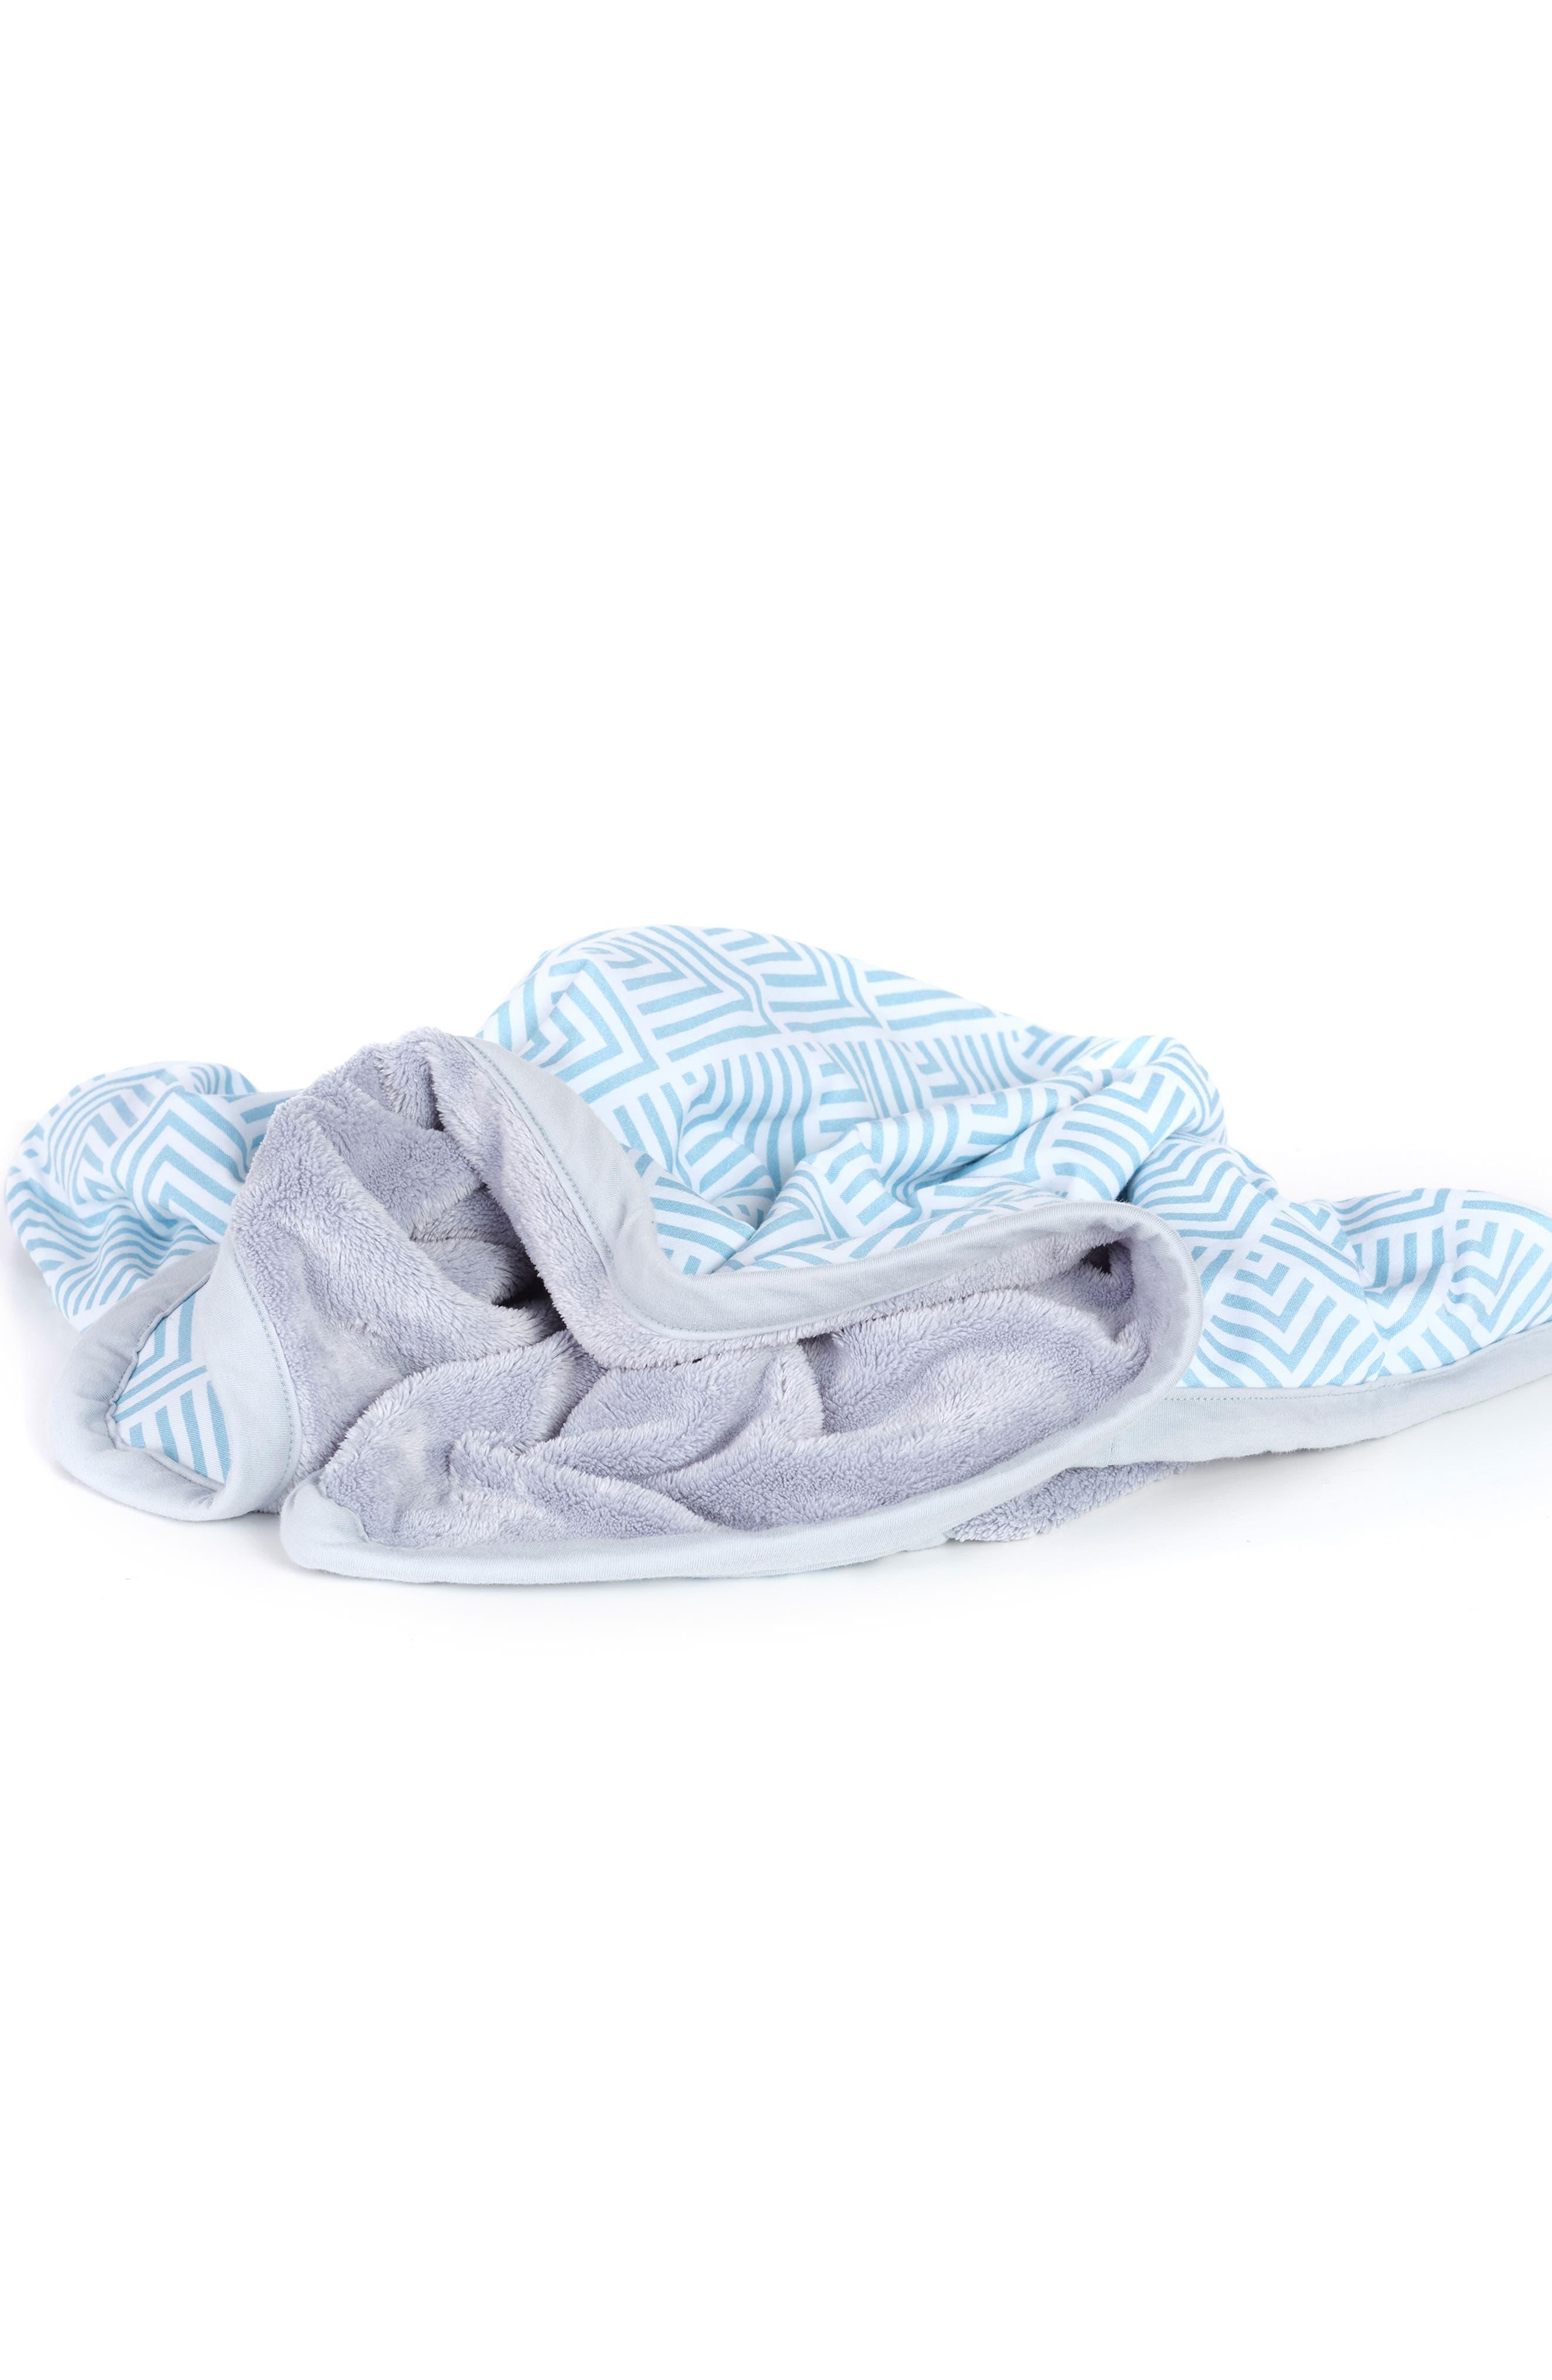 Kai Cuddle Blanket & Moon Pillow Set,                             Alternate thumbnail 3, color,                             KAI